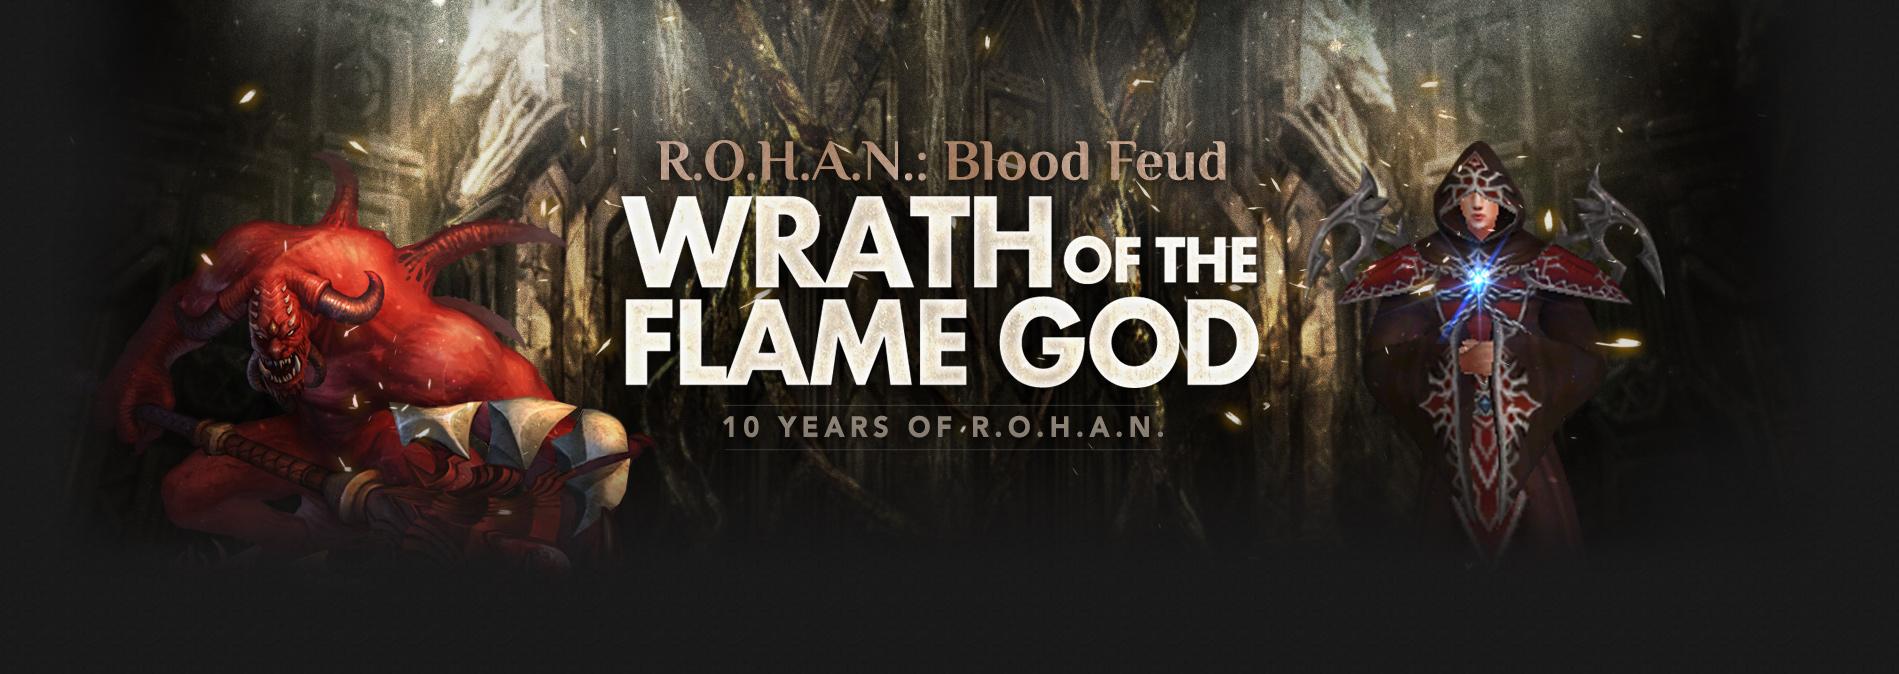 R.O.H.A.N: Blood Feud